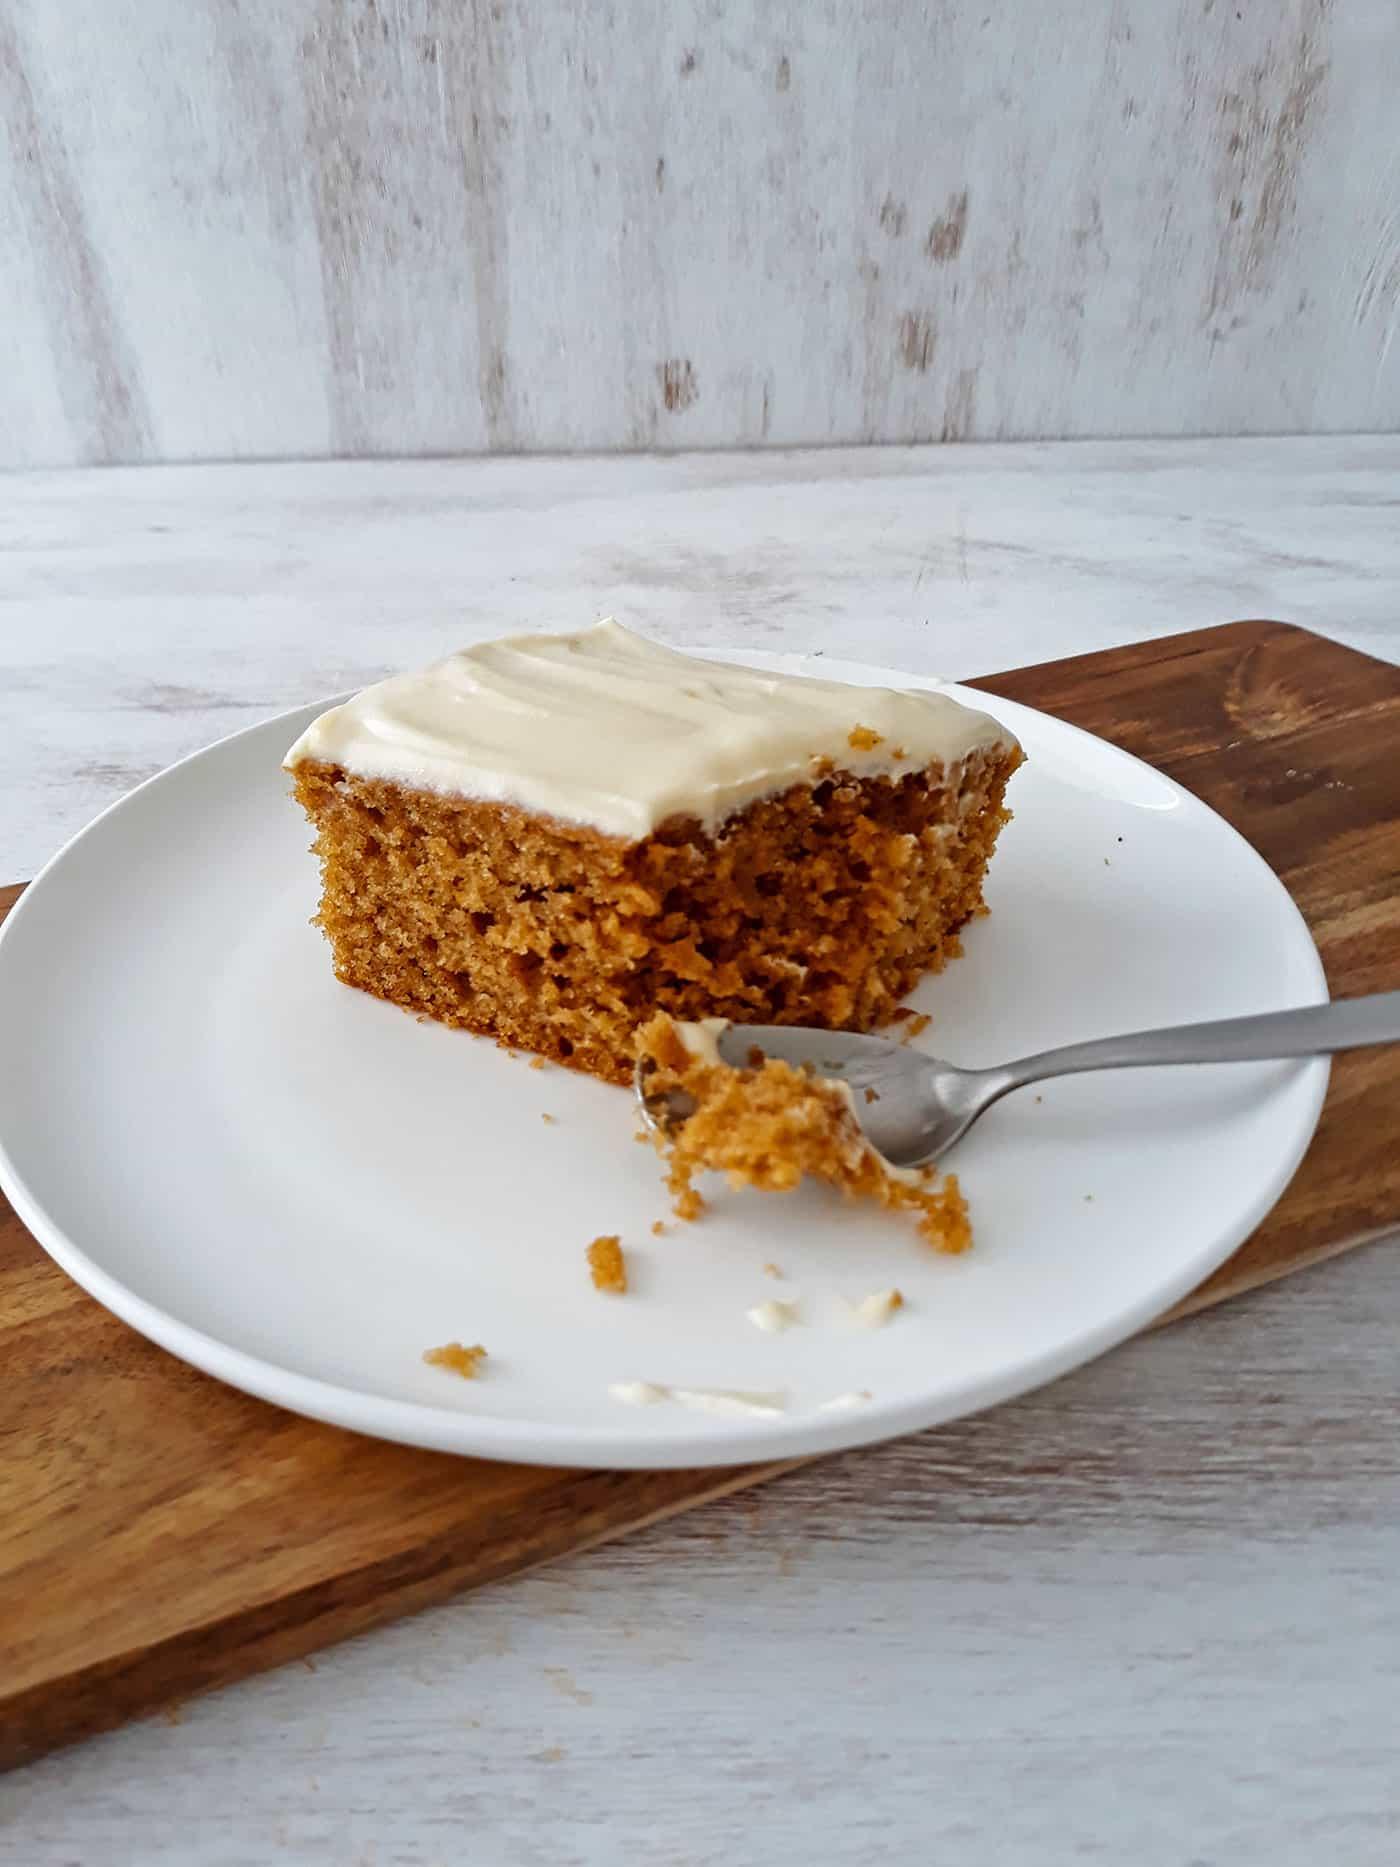 torta de calabaza servida en un plato blanco con una cuchara